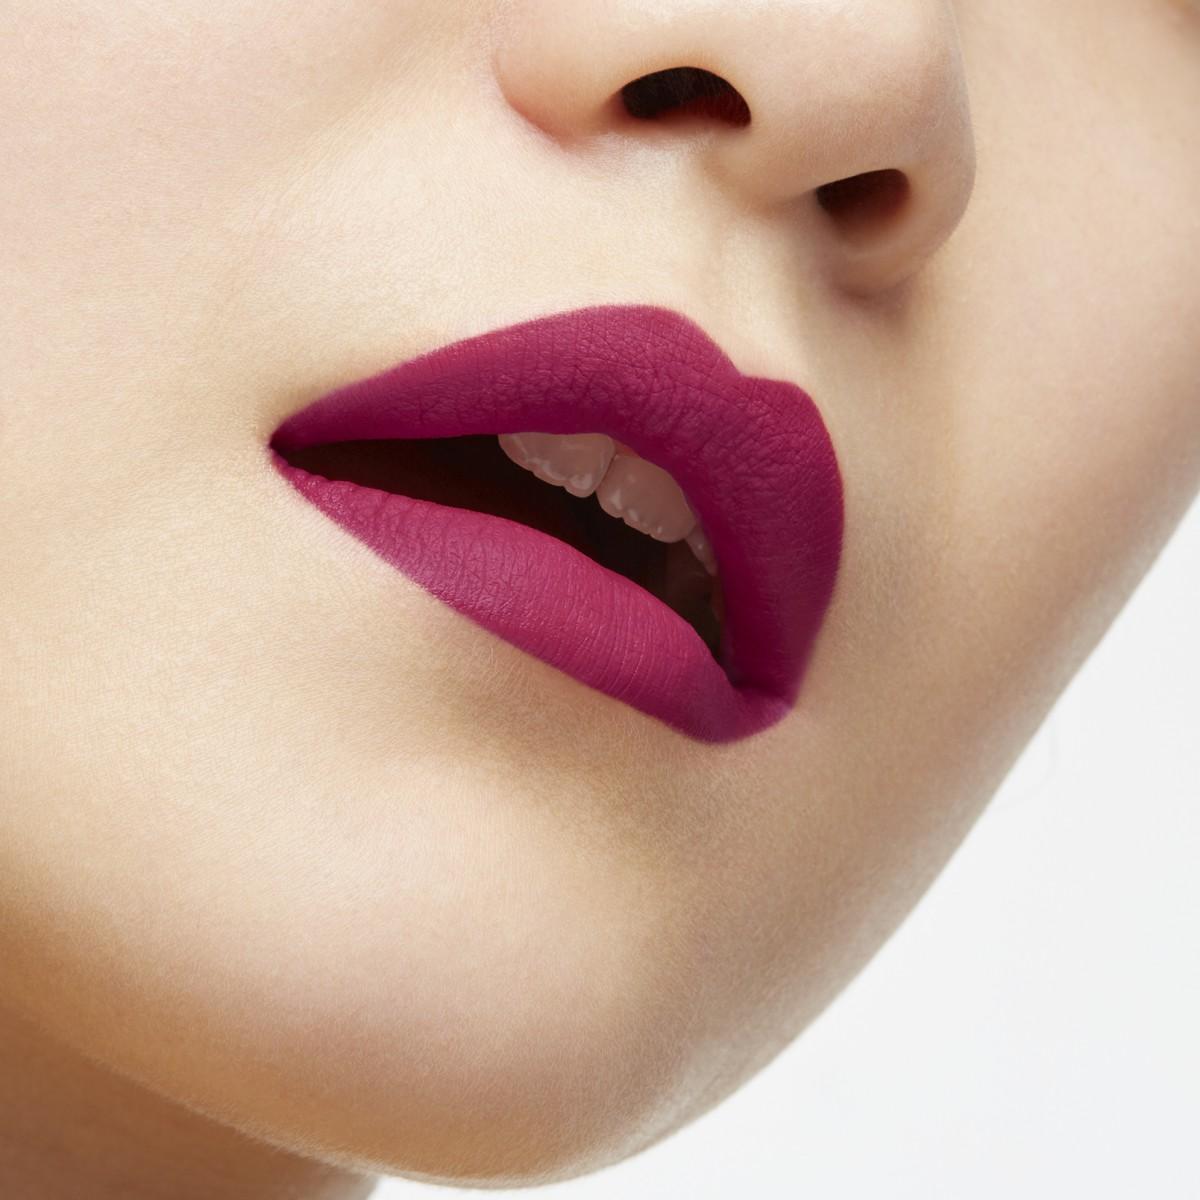 Beauty - So Tango Velvet Matte - Christian Louboutin